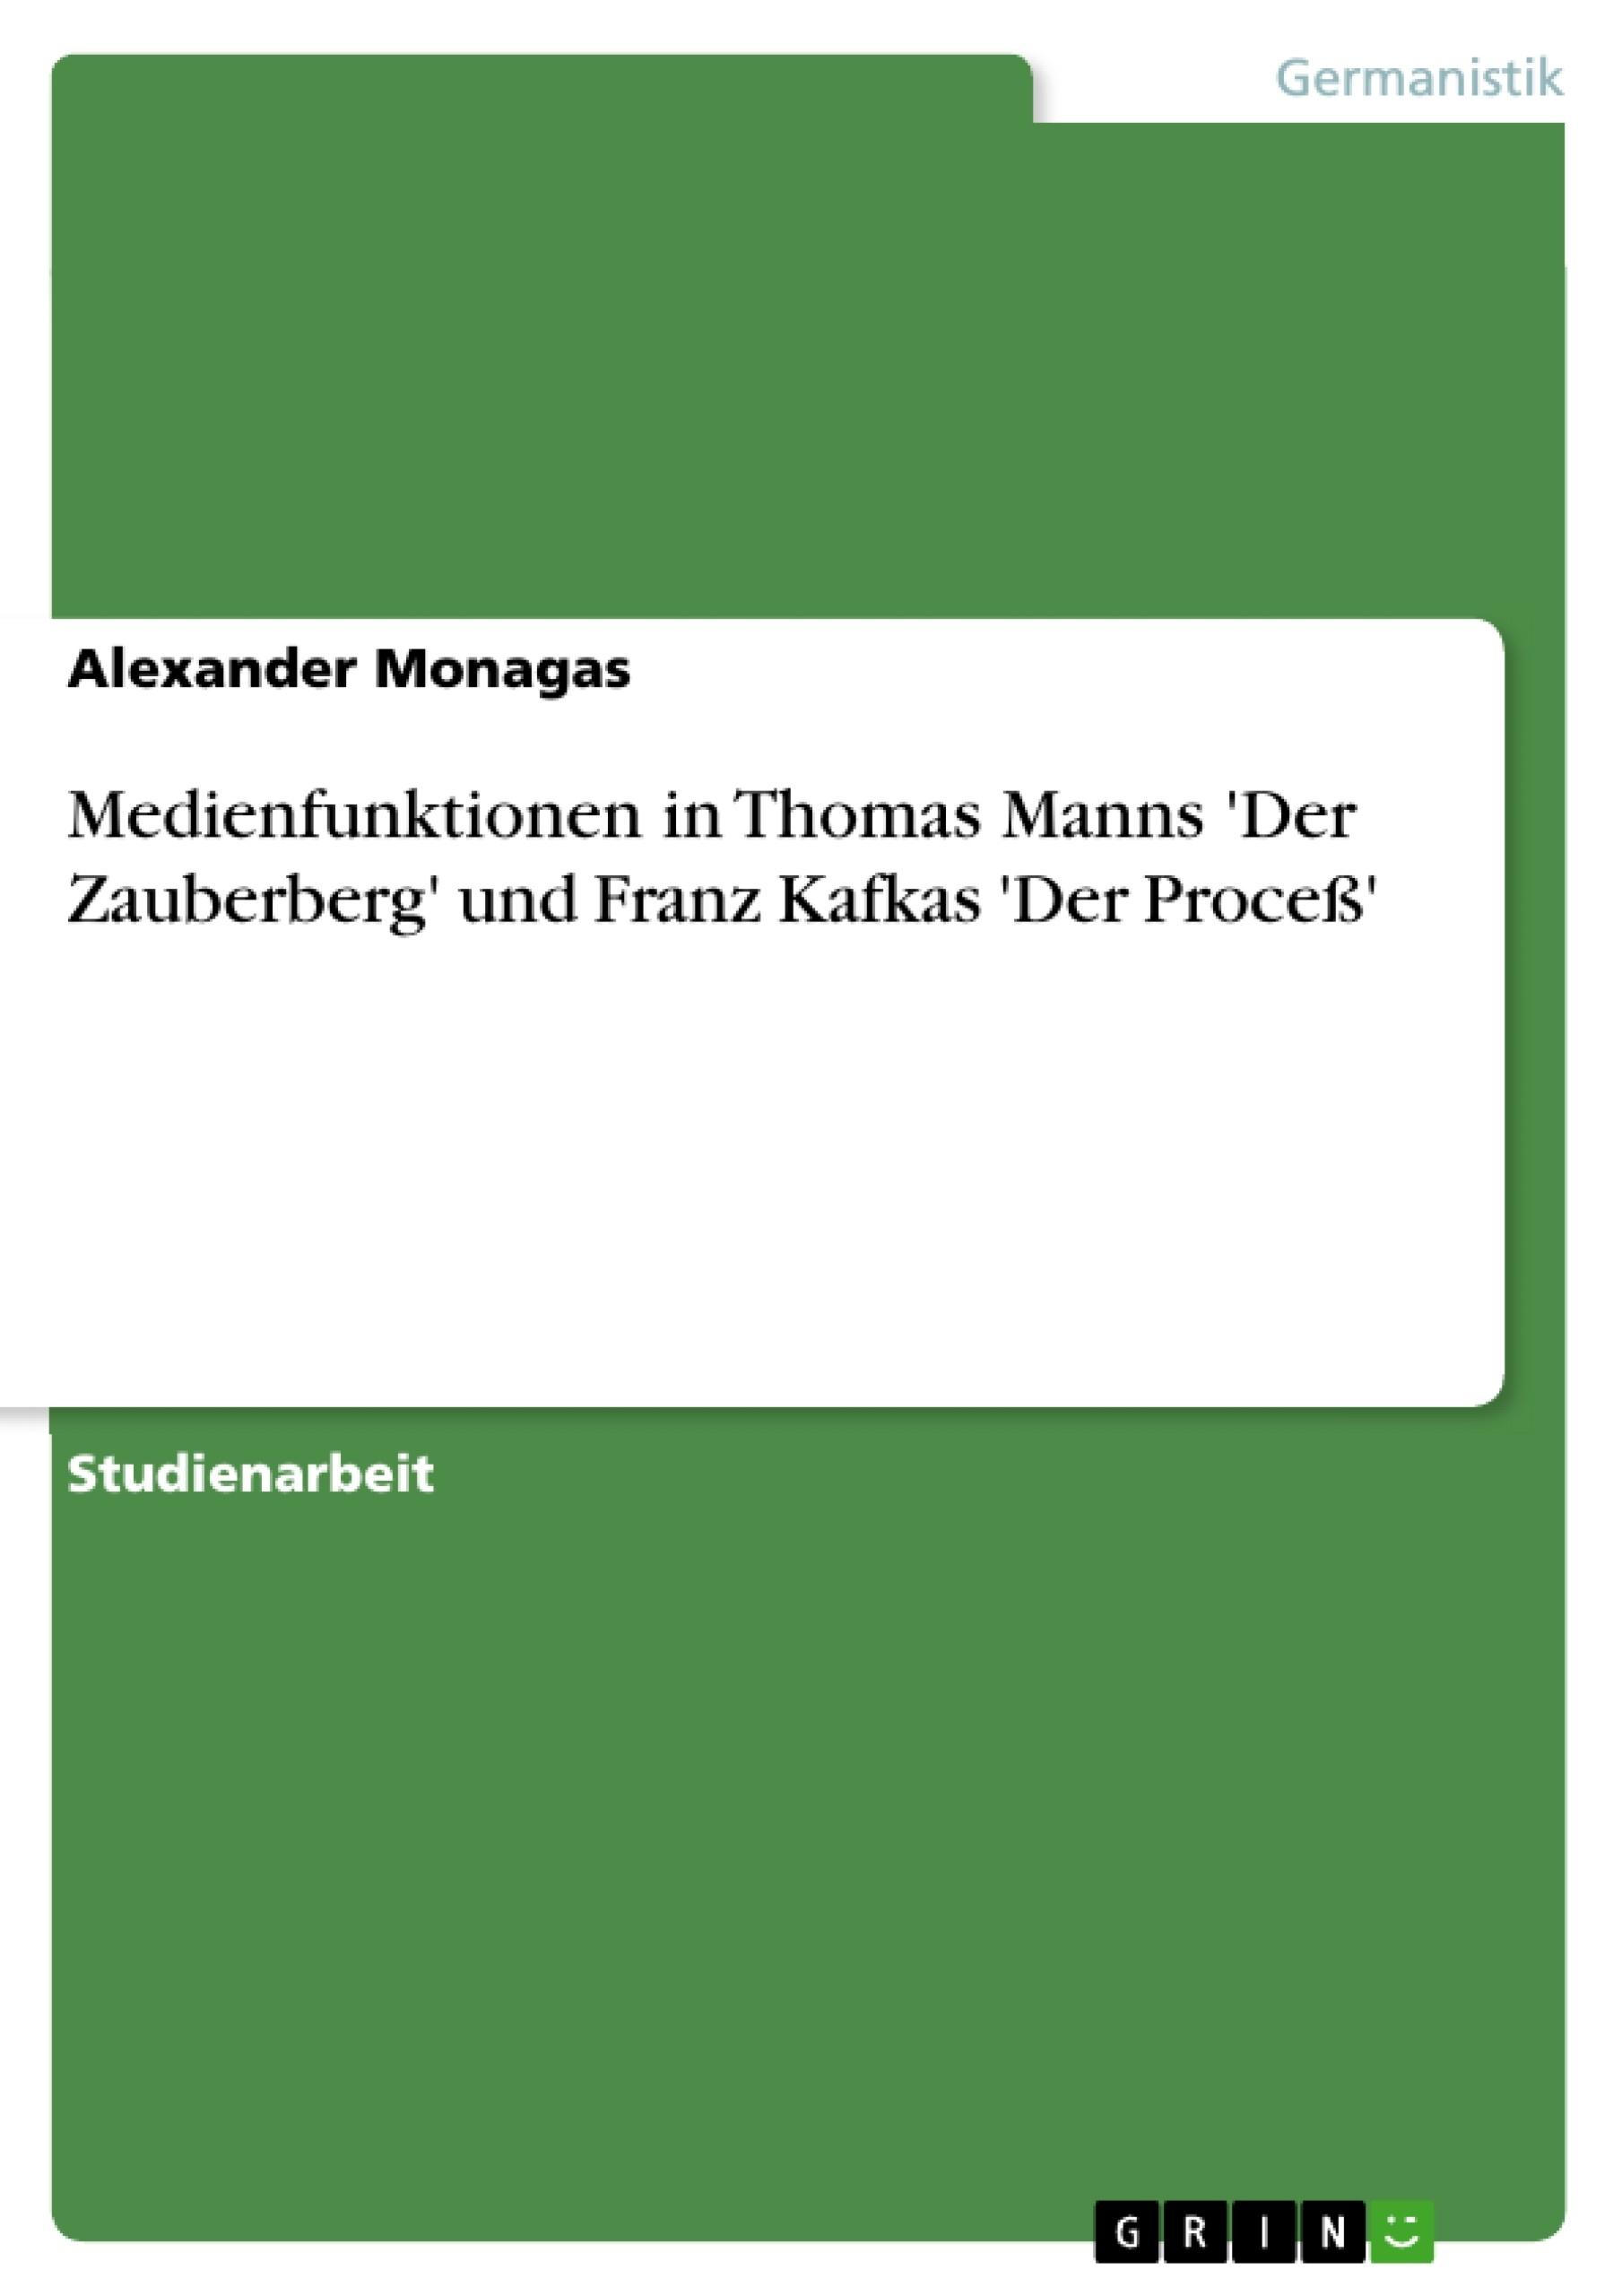 Titel: Medienfunktionen in Thomas Manns 'Der Zauberberg' und Franz Kafkas 'Der Proceß'